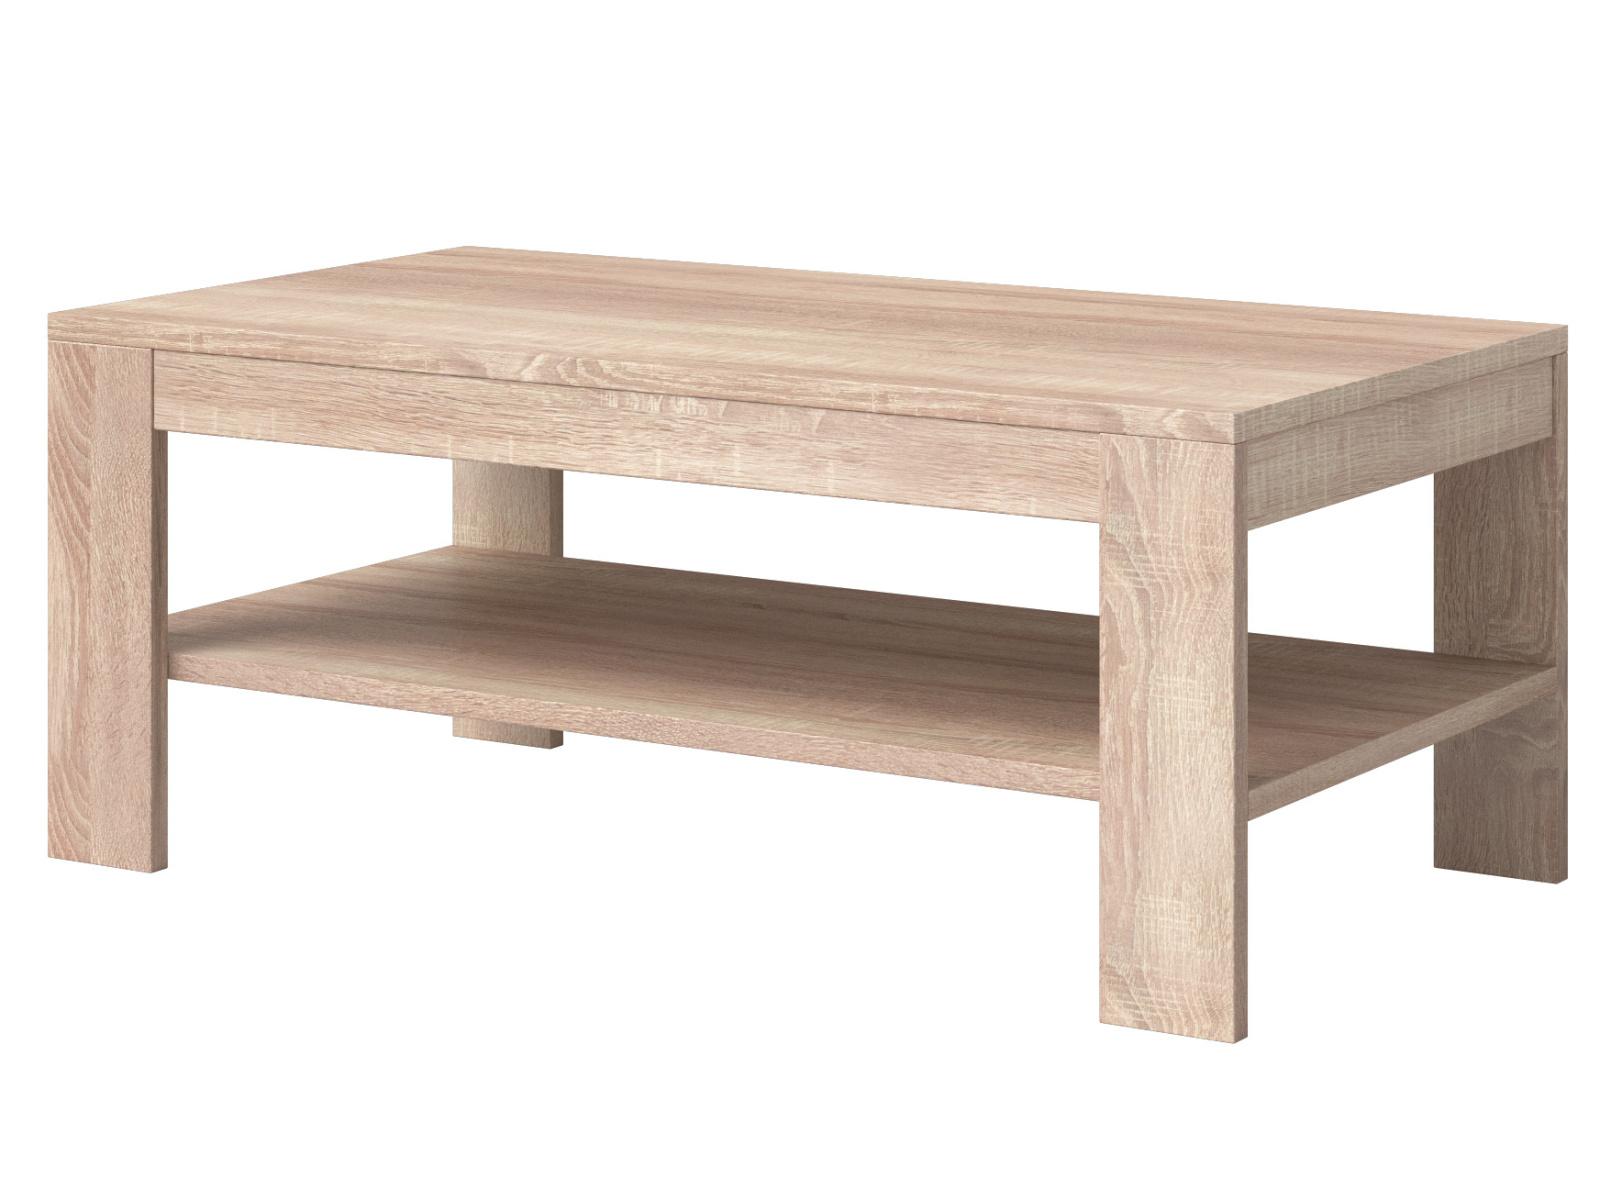 Smartshop NEMESIS konferenční stolek TYP 99, dub sonoma světlý